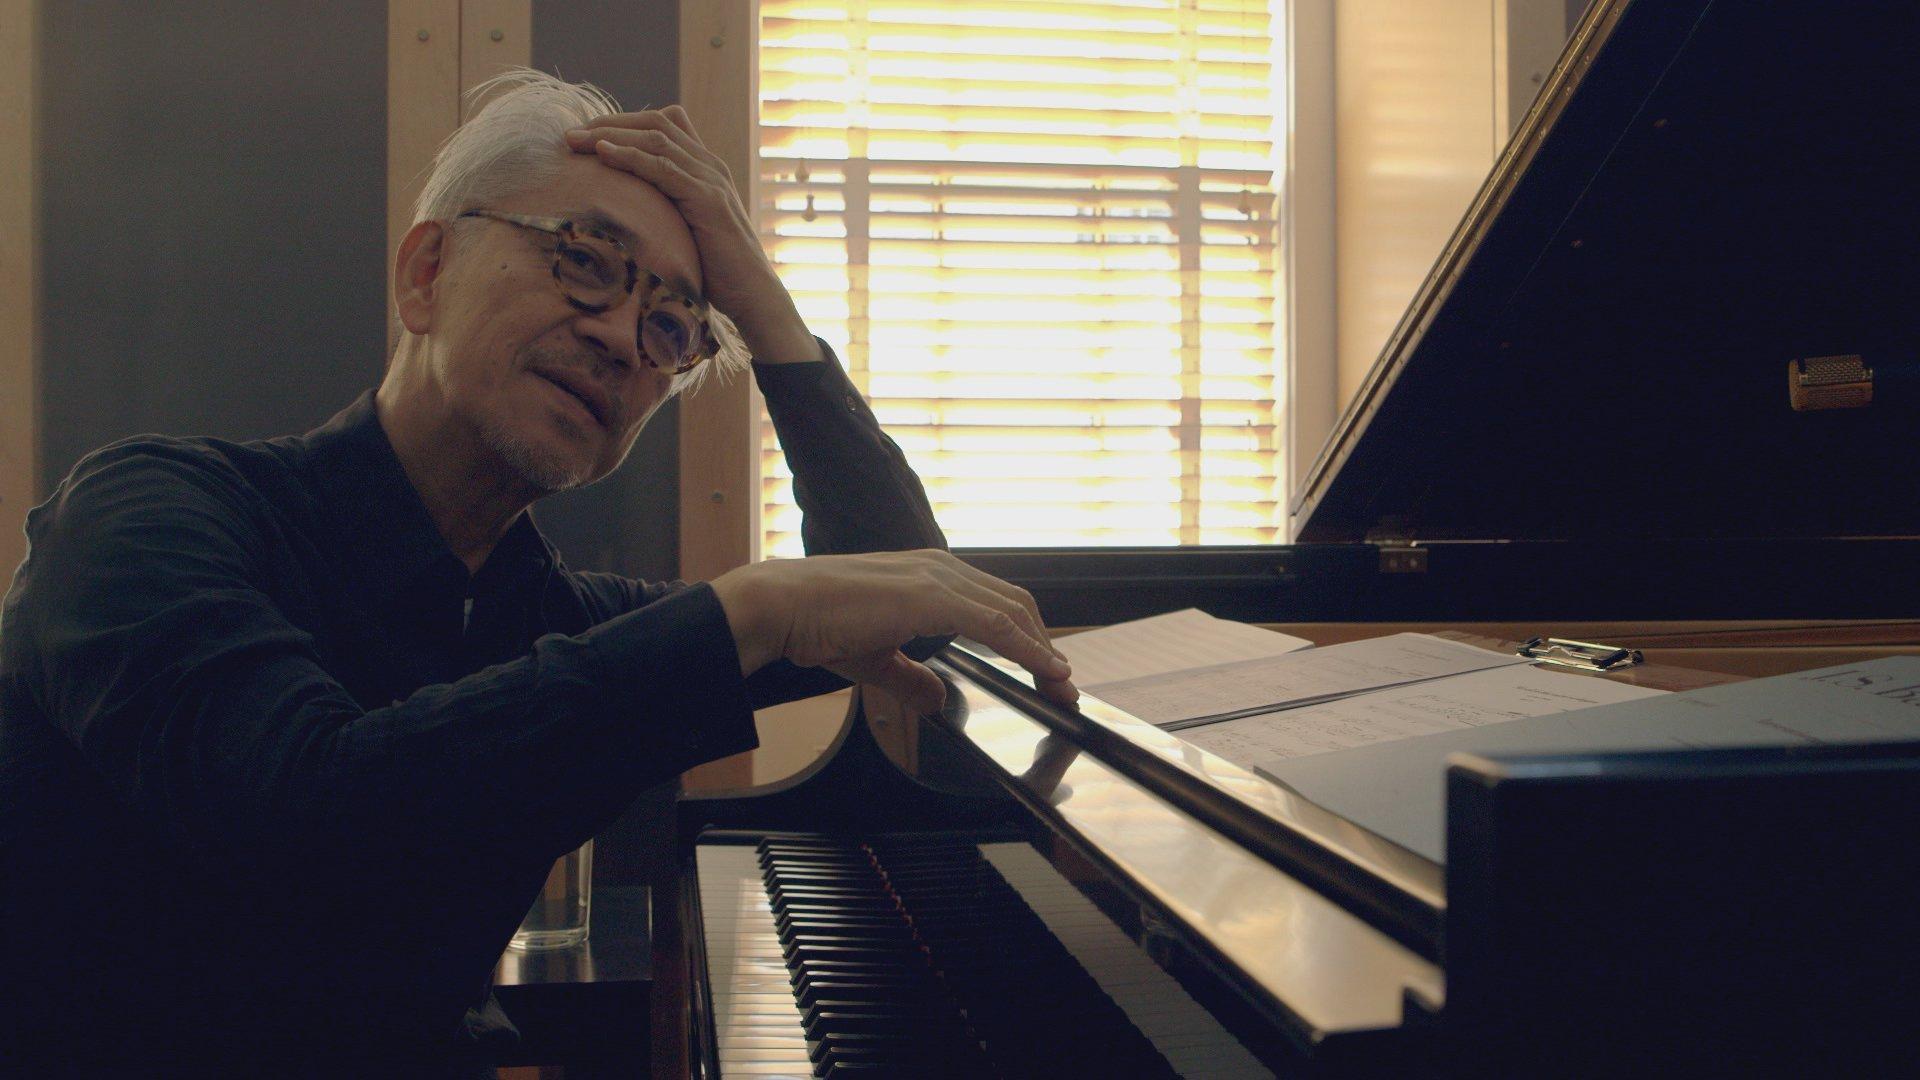 Ruyichi Sakamoto